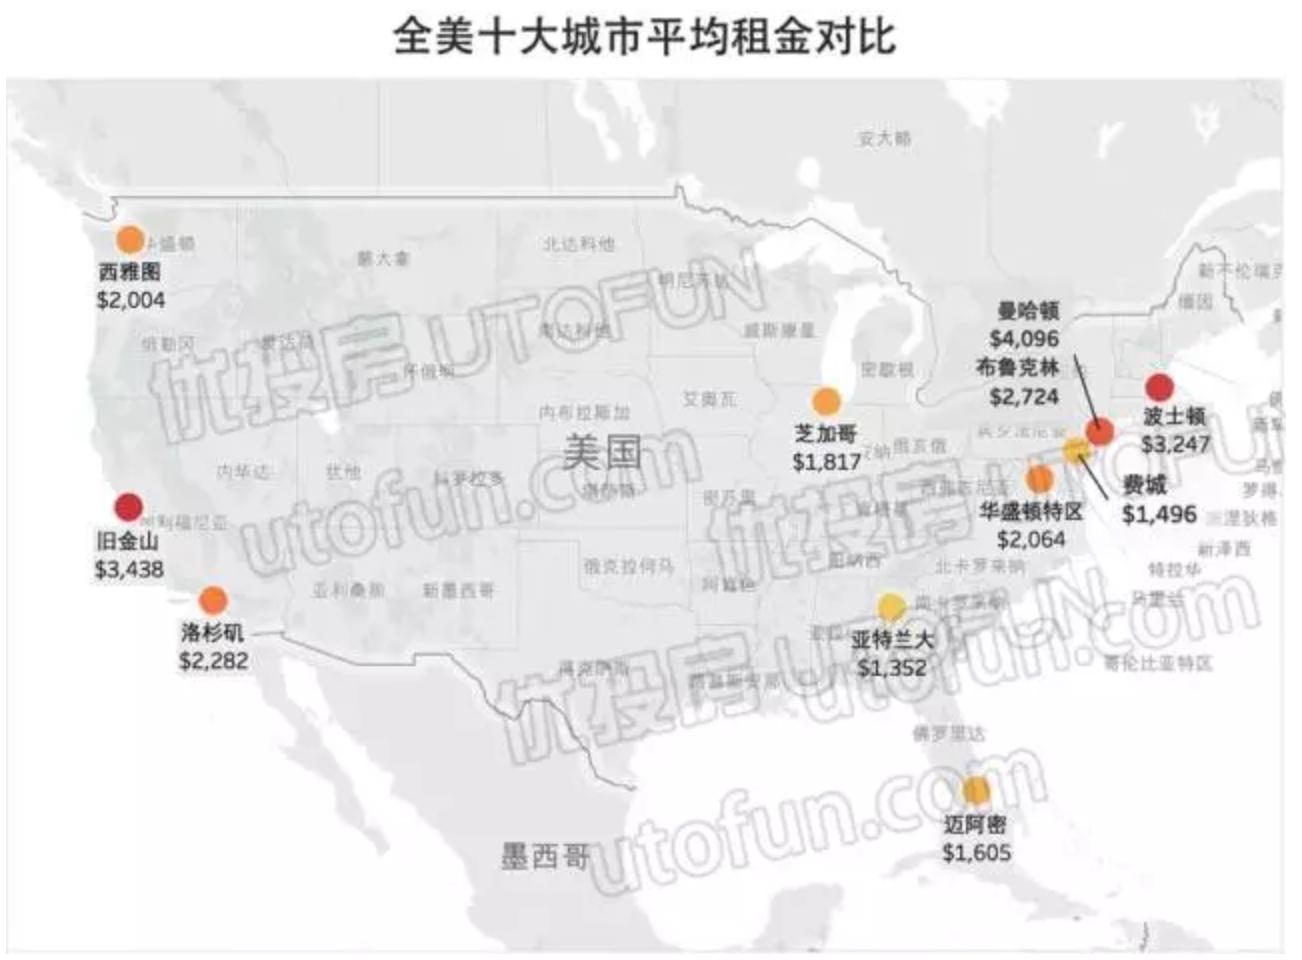 全美十大城市租金对比